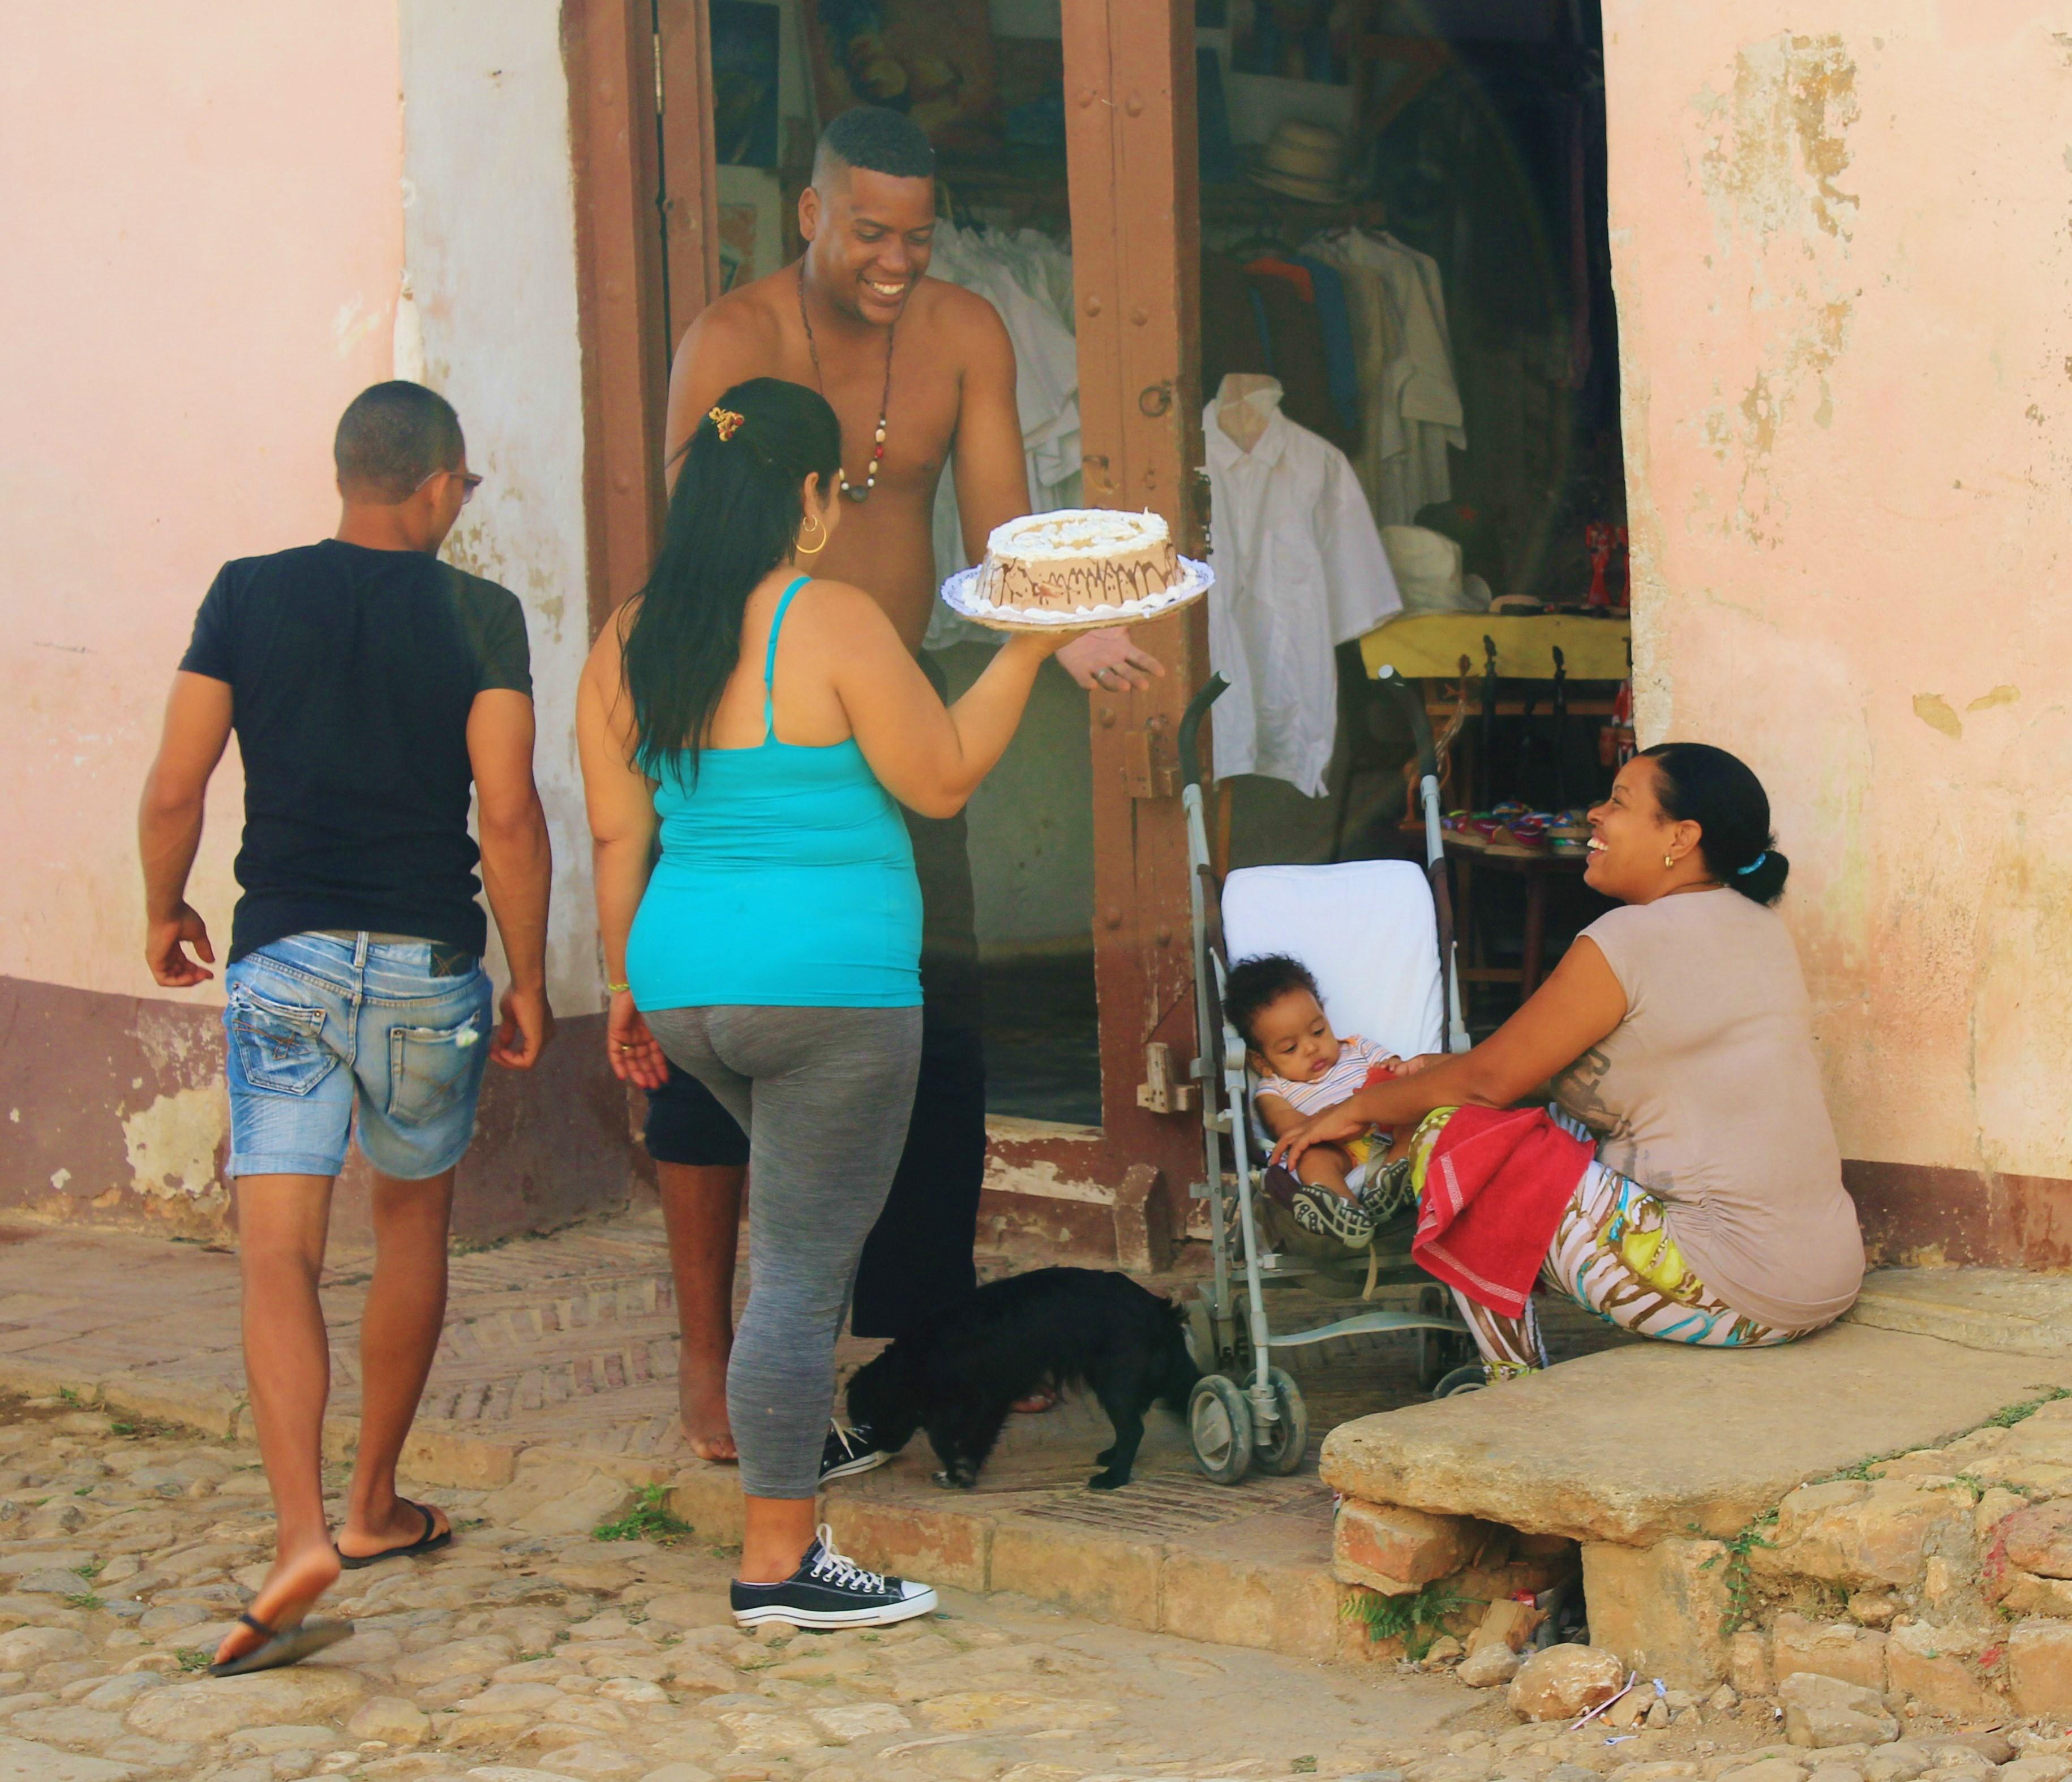 Cake-Delivery-Trinidad A Cuban Road Trip, Part 2 - Trinidad Cuba Trinidad